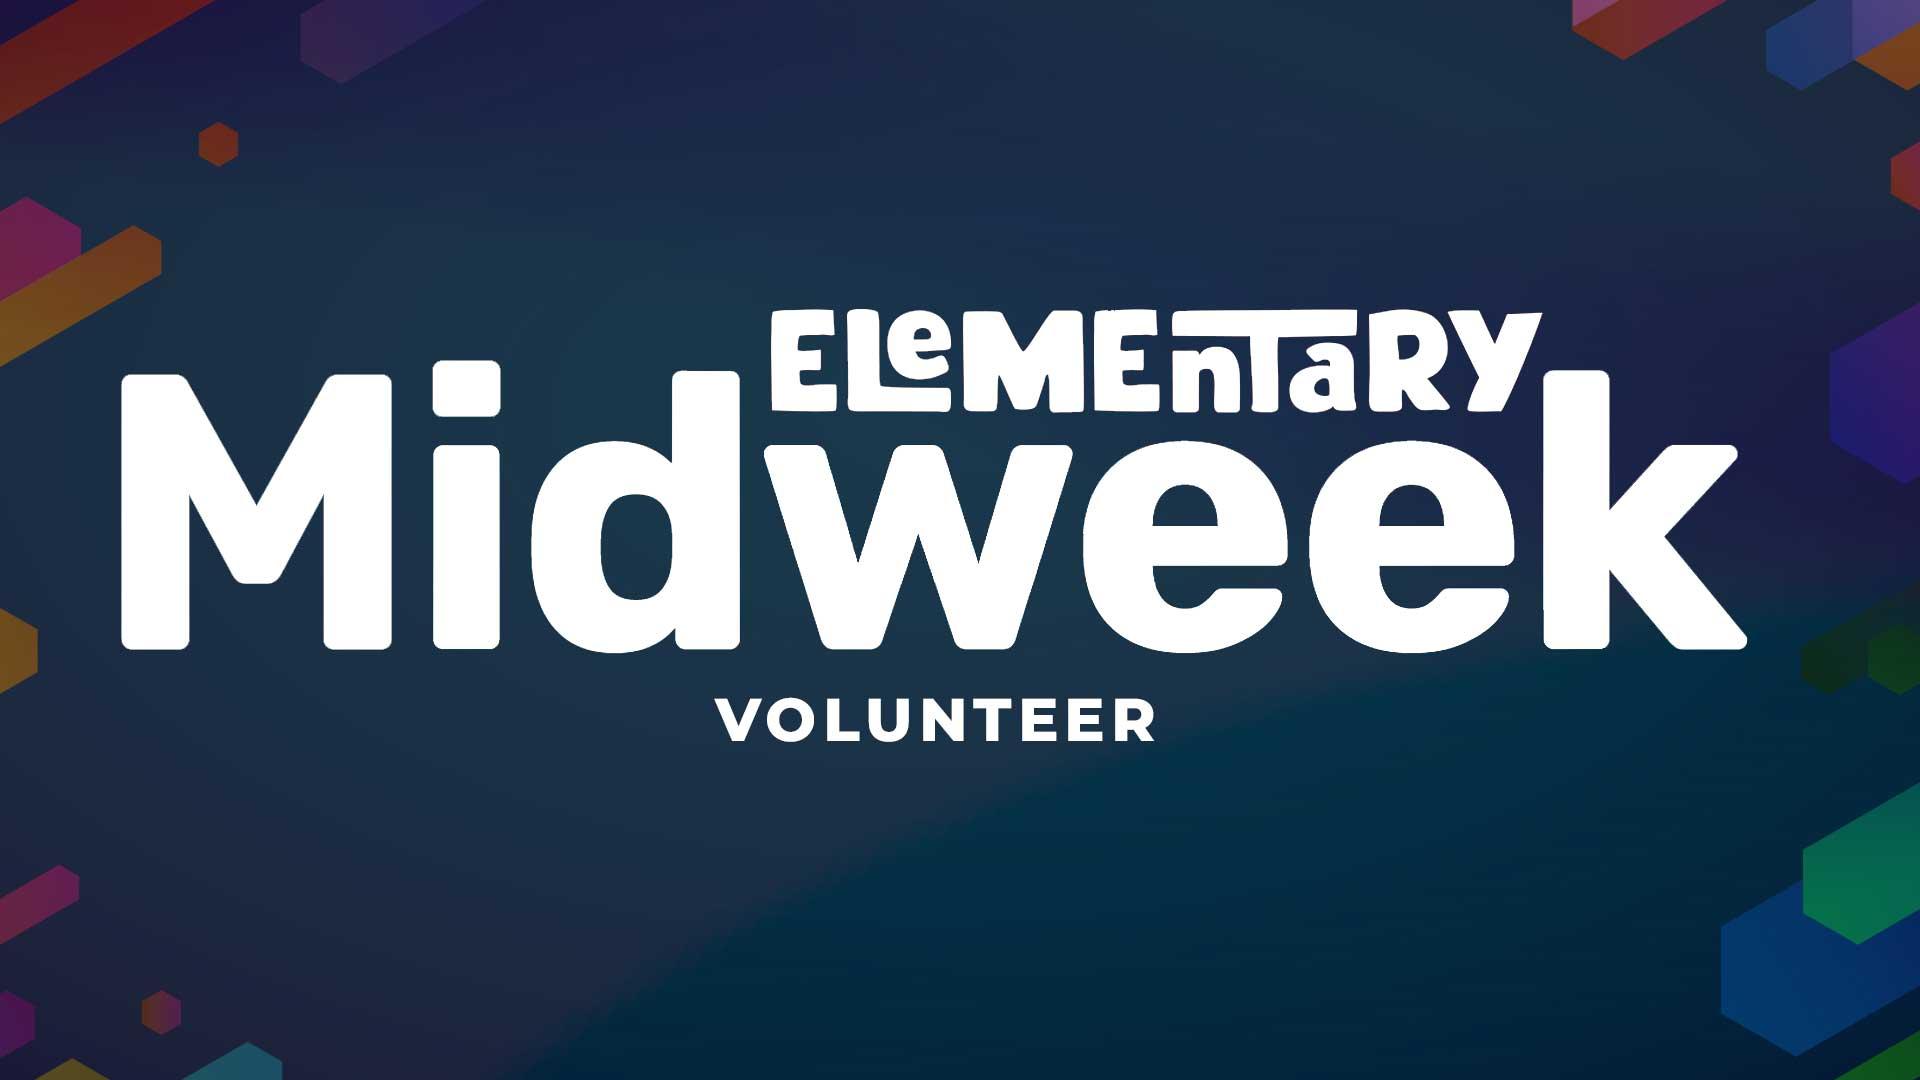 Elementary Midweek Volunteer